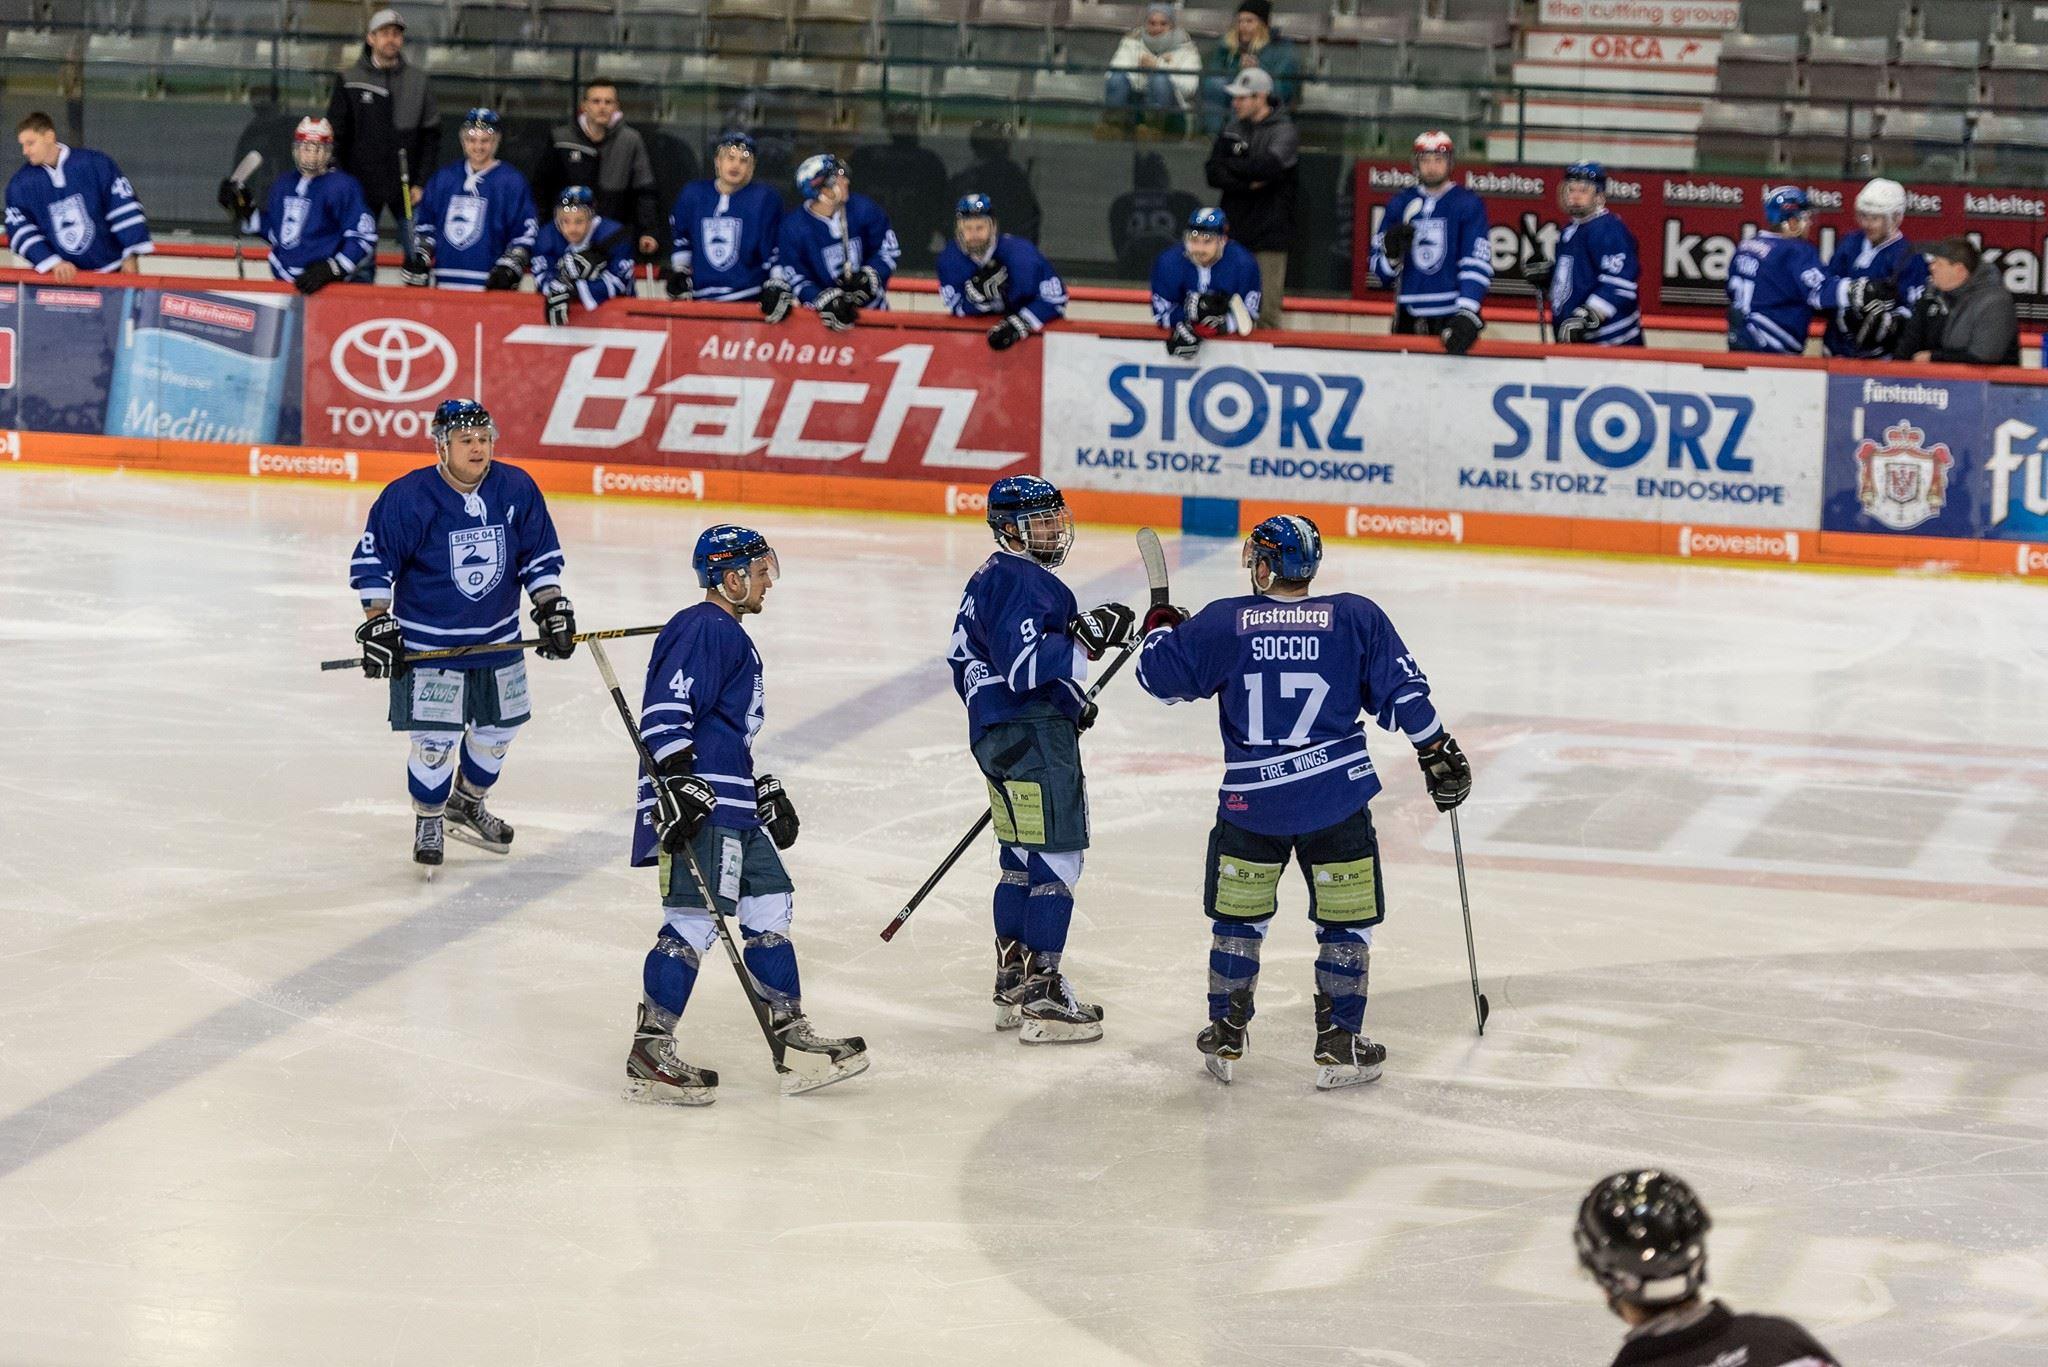 Die Schwenninger Fire Wings wollen am kommenden Wochenende gegen Mannheim nochmals einen Sieg bejubeln wie hier Dennis Böhm, Stefan Schäfer, Dominik Deuring und Mike Socce Soccio.